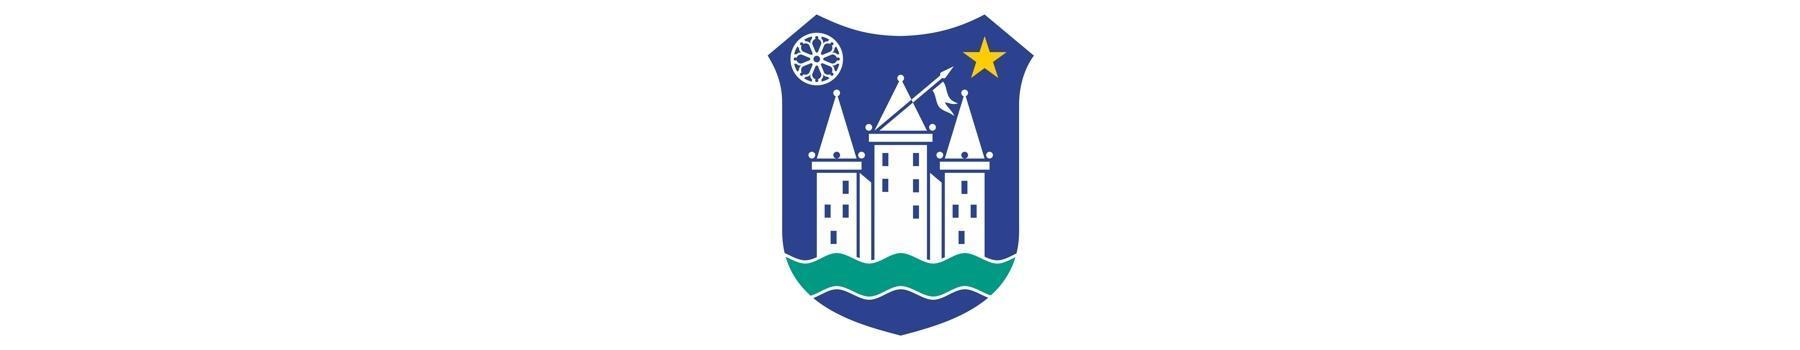 Javni konkurs za prijem državnih službenika na određeno vrijeme, na period od godinu dana u  Gradski organ uprave Grada Bihaća